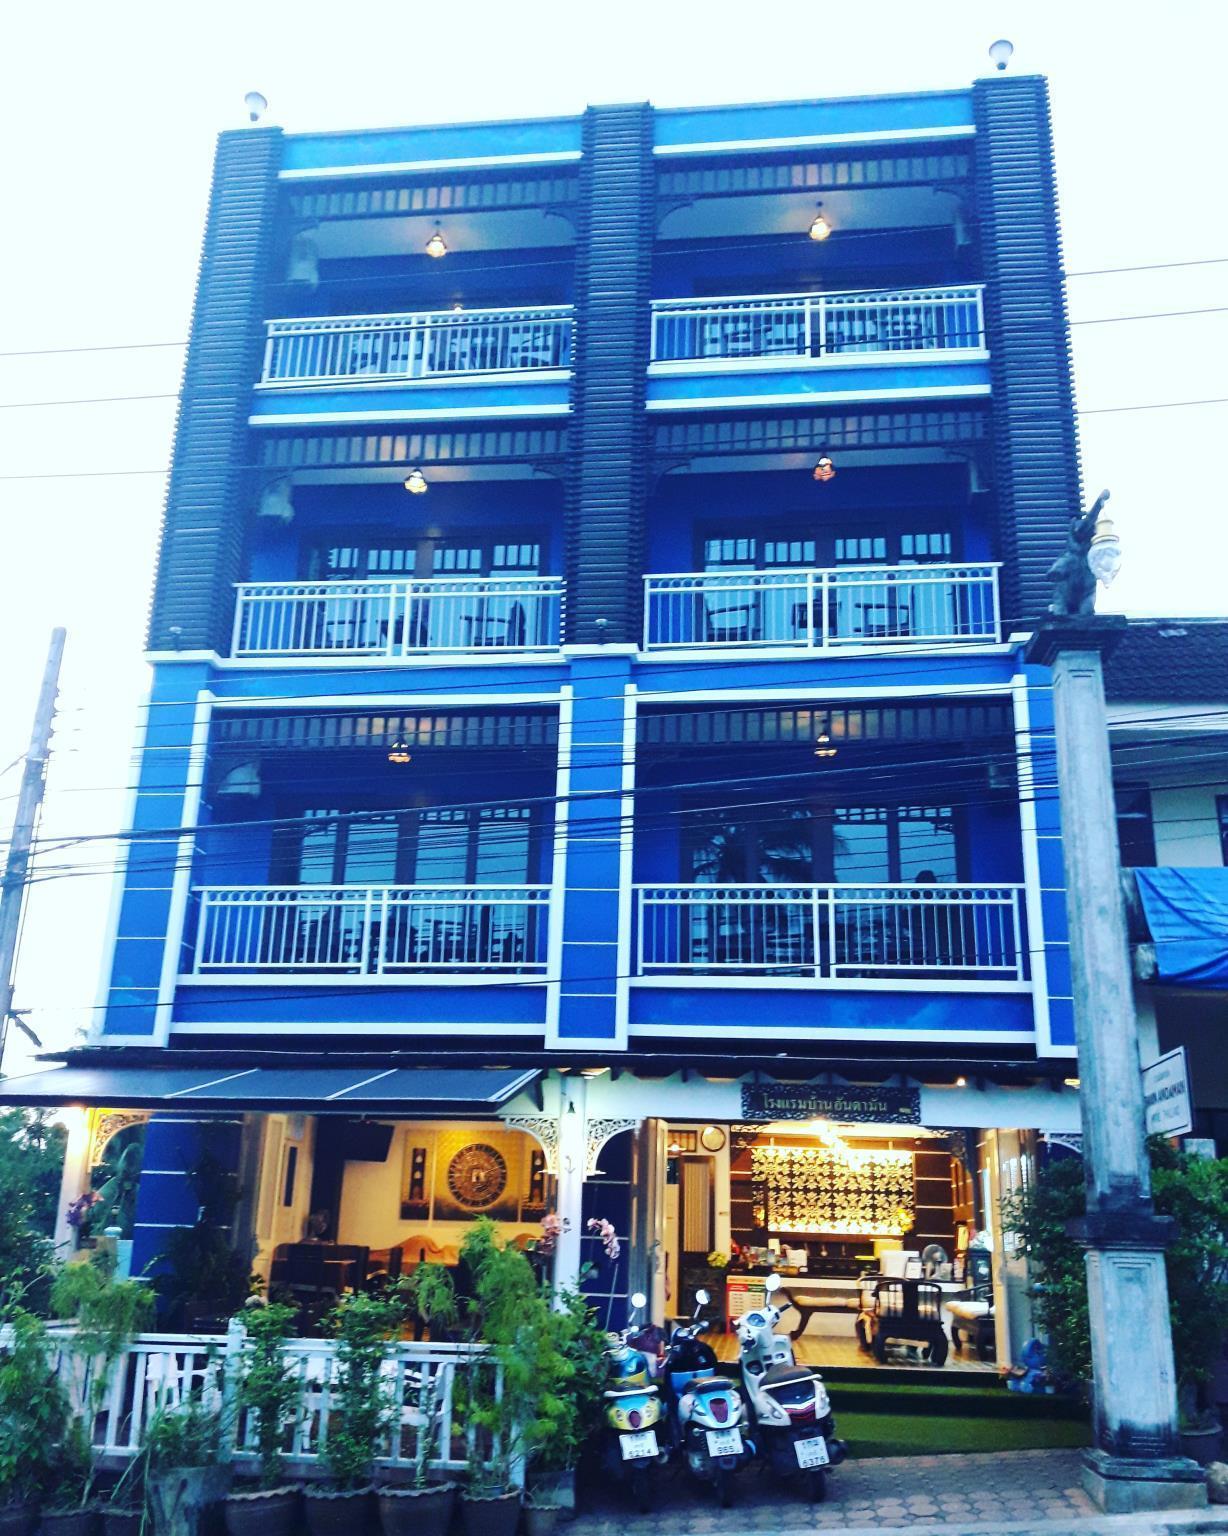 Baan Andaman Bed & Breakfast Hotel โรงแรมบ้านอันดามัน เบด แอนด์ เบรคฟาสต์